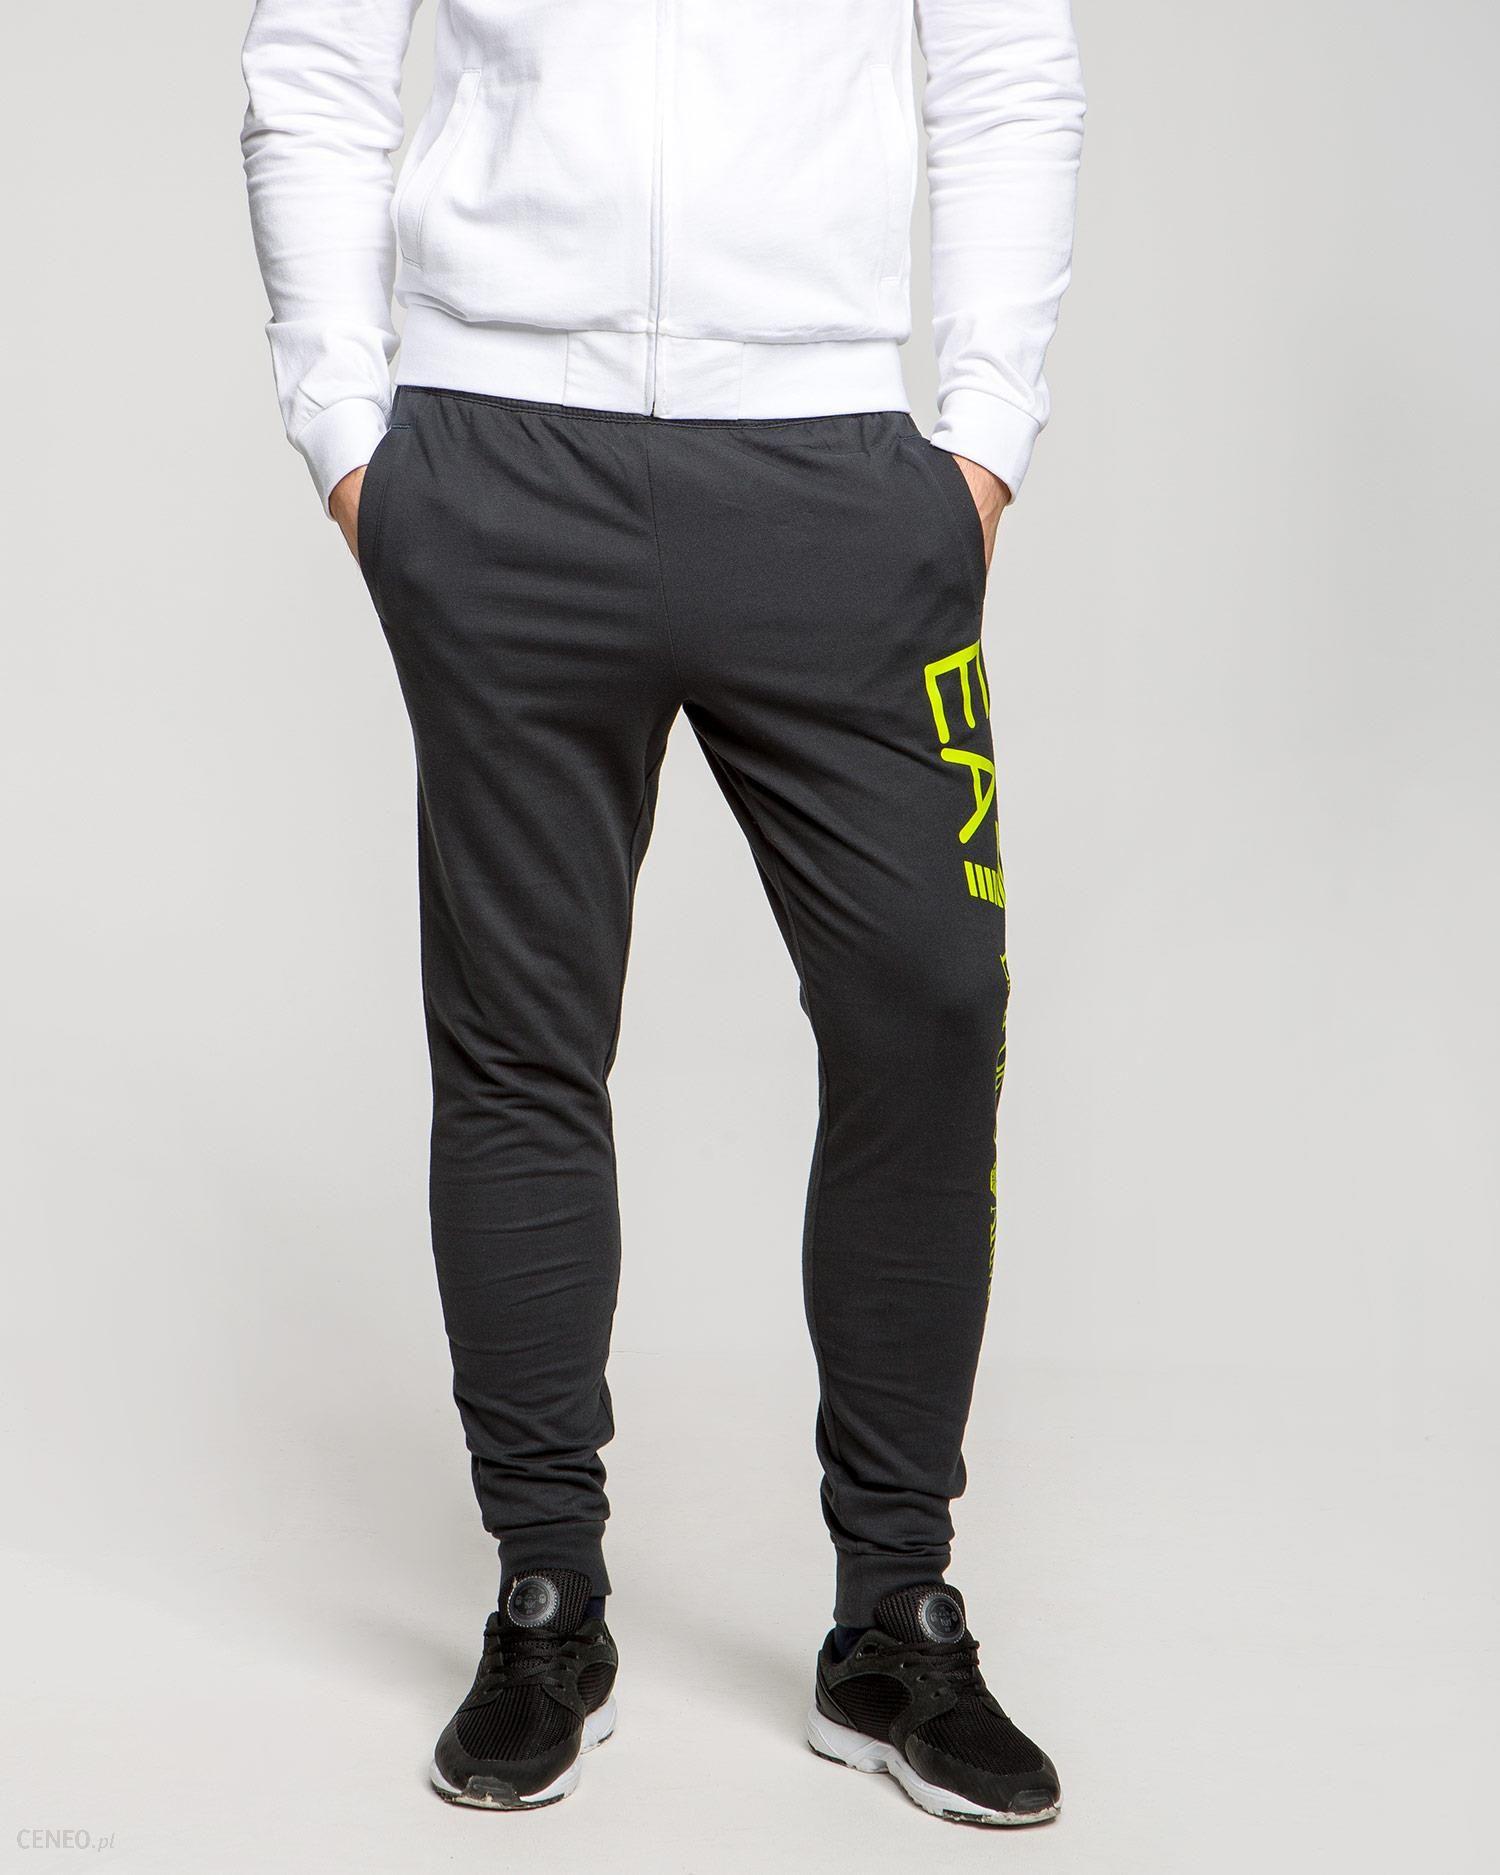 f84d1892d59911 Spodnie dresowe EA7 EMPORIO ARMANI - Ceny i opinie - Ceneo.pl